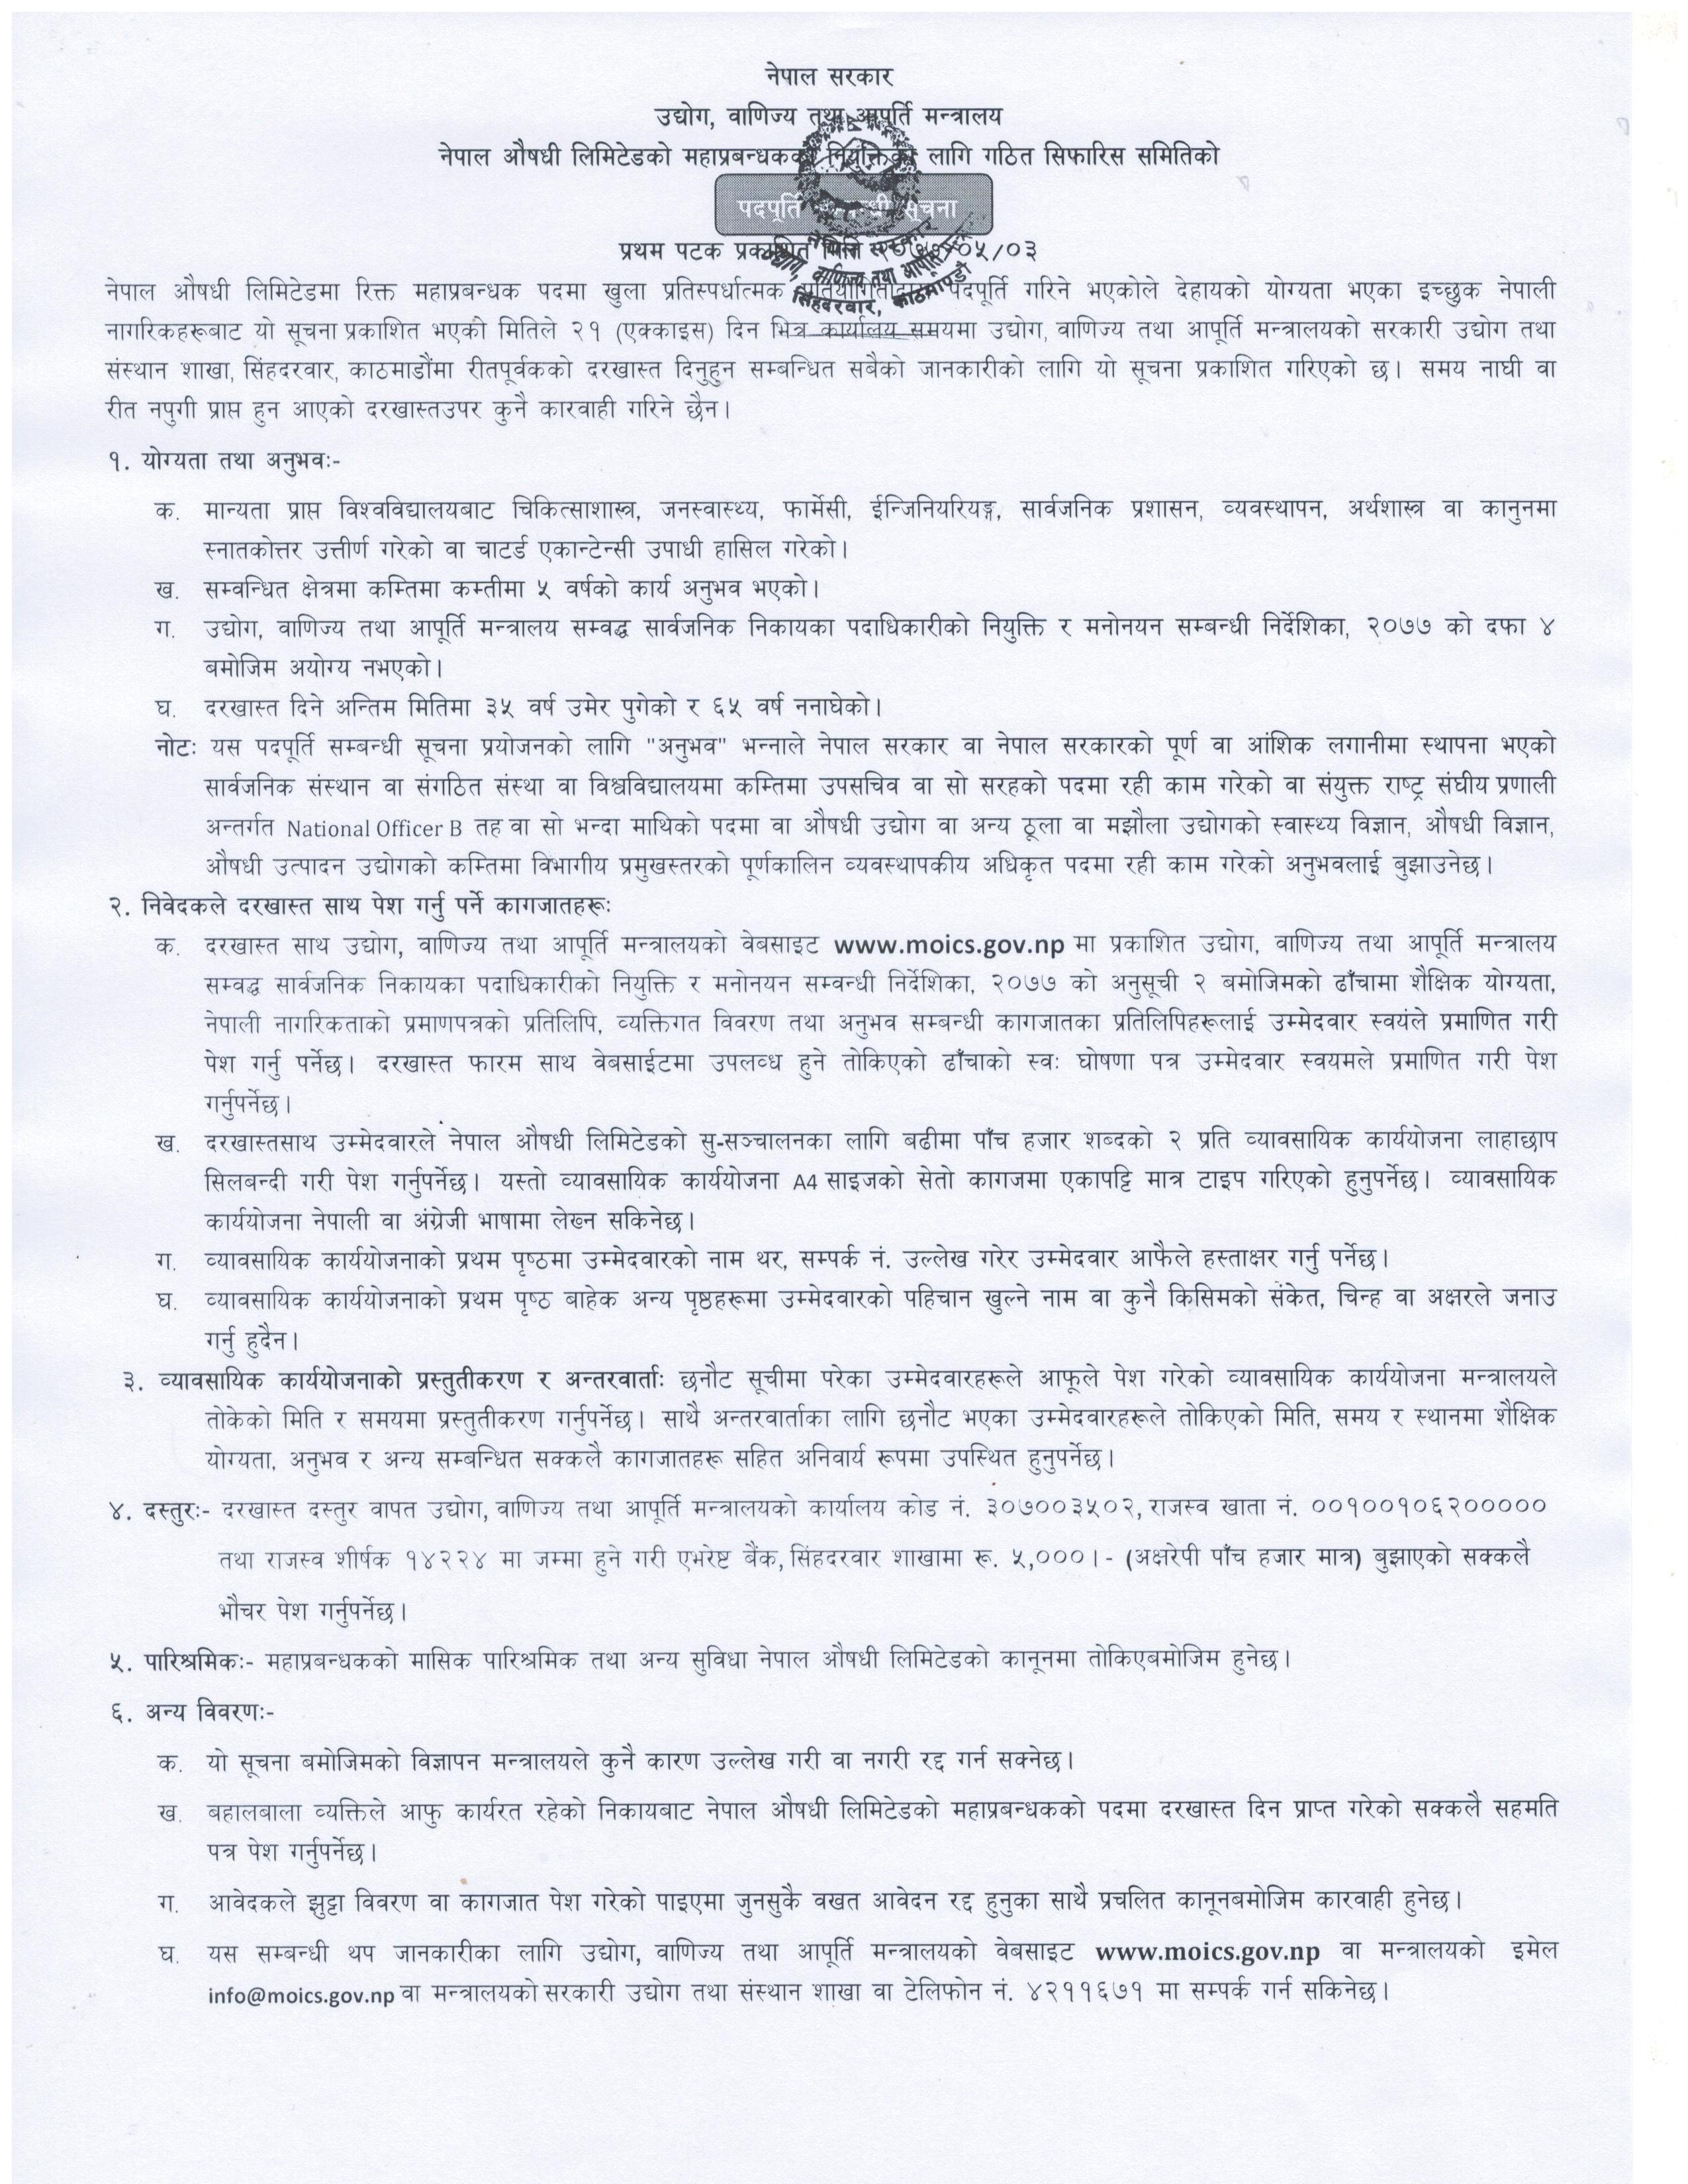 नेपाल औषधी लिमिटेडको महाप्रबन्धकको  पदपूर्ति सम्बन्धी सूचना।